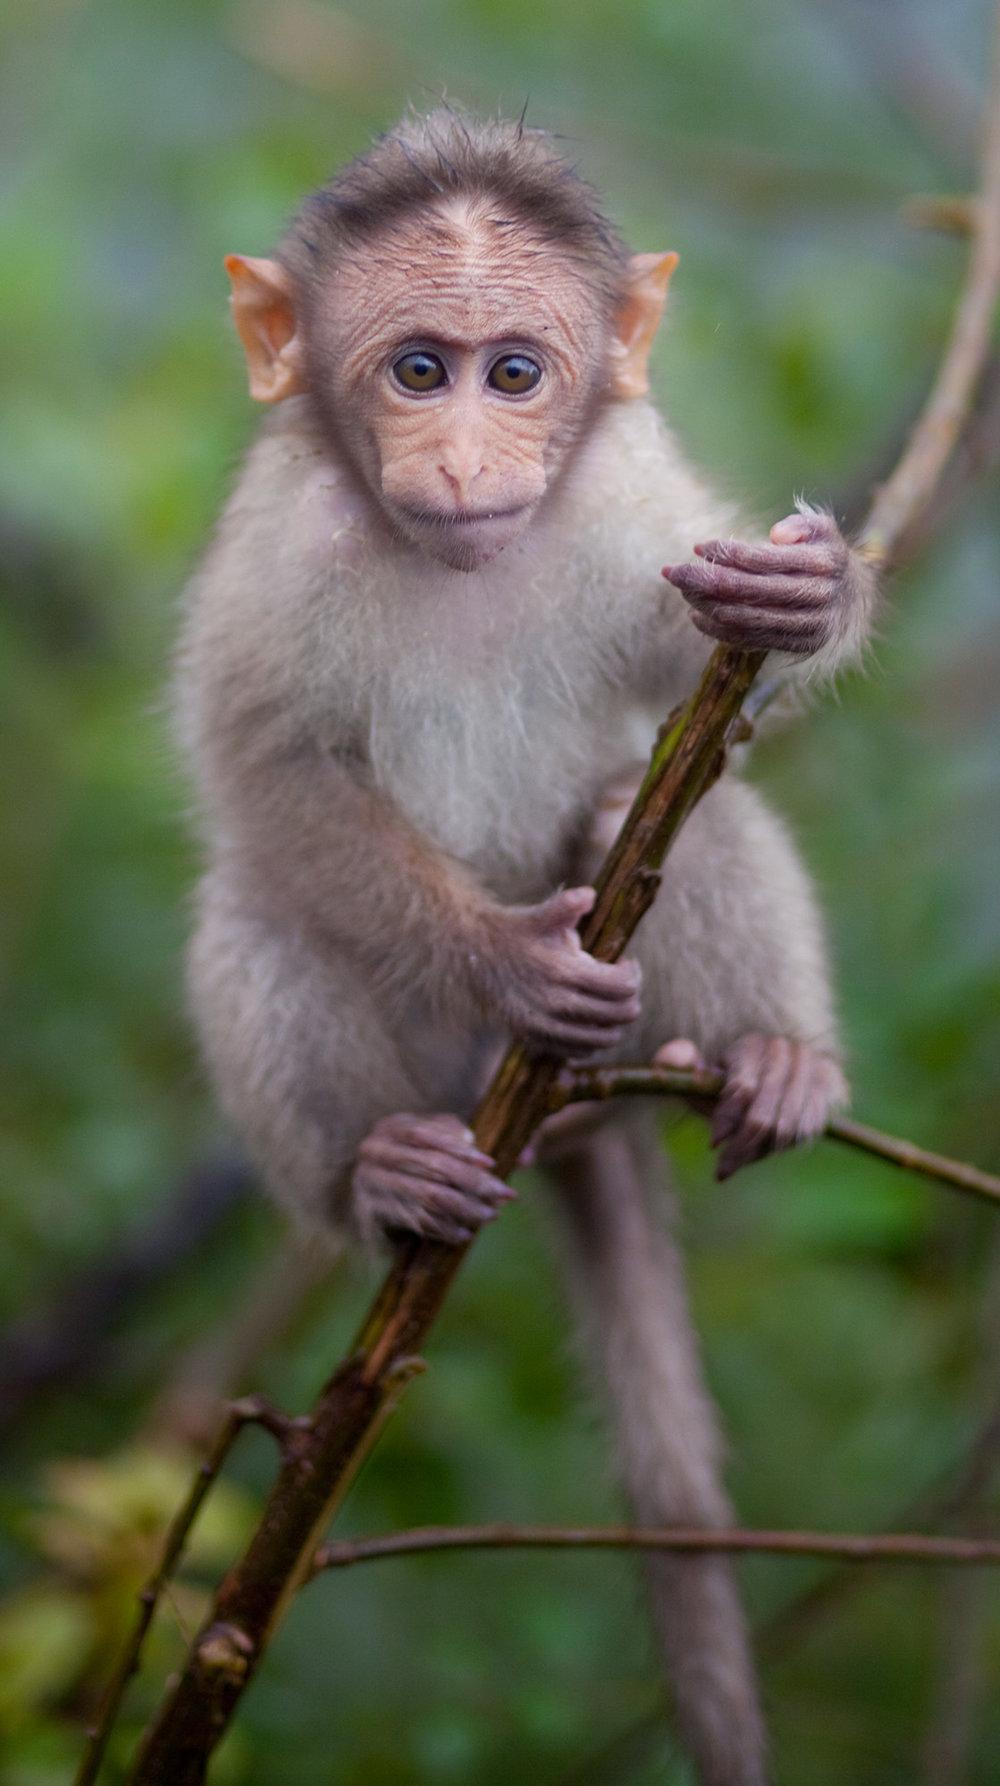 baby_monkey_animal_1109.jpg